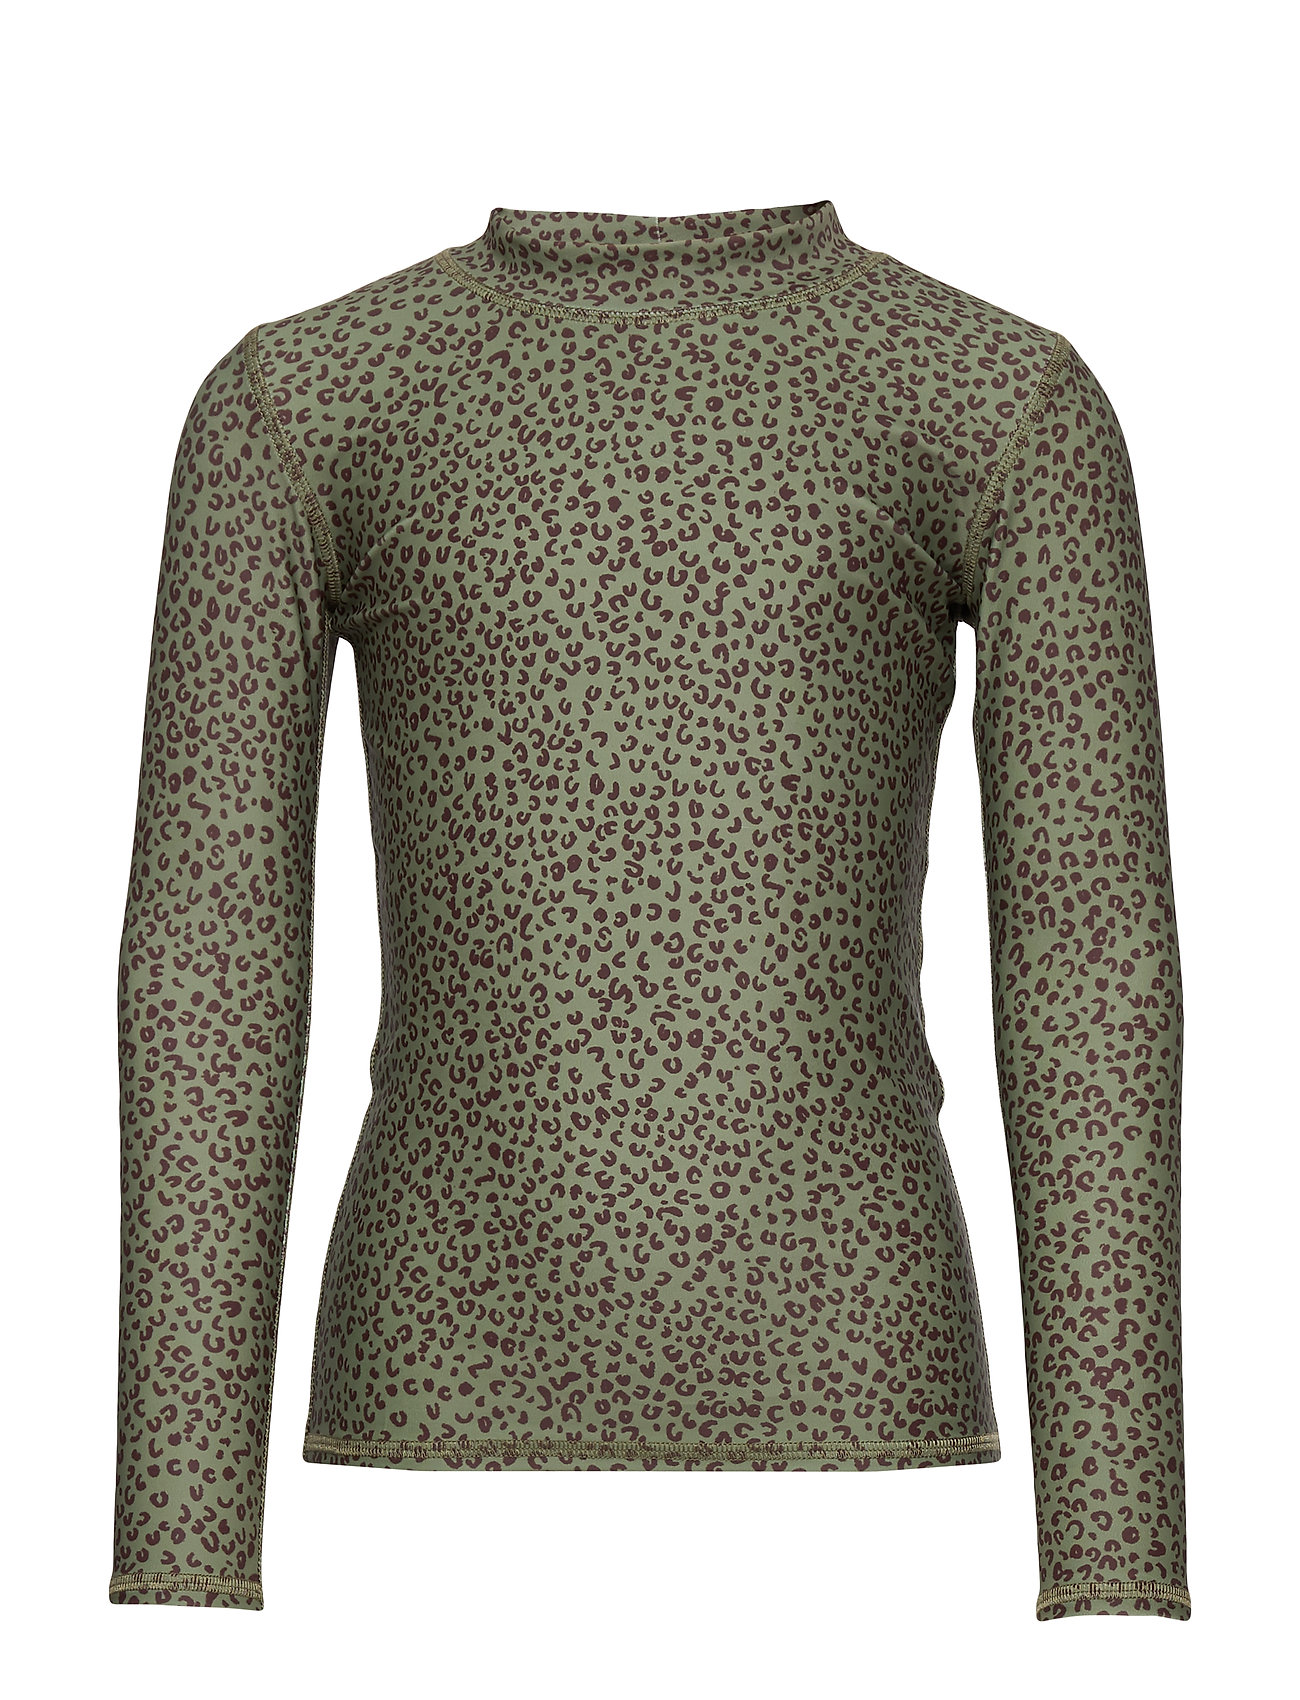 Soft Gallery Astin Sun Shirt - OIL GREEN, AOP LEOSPOT